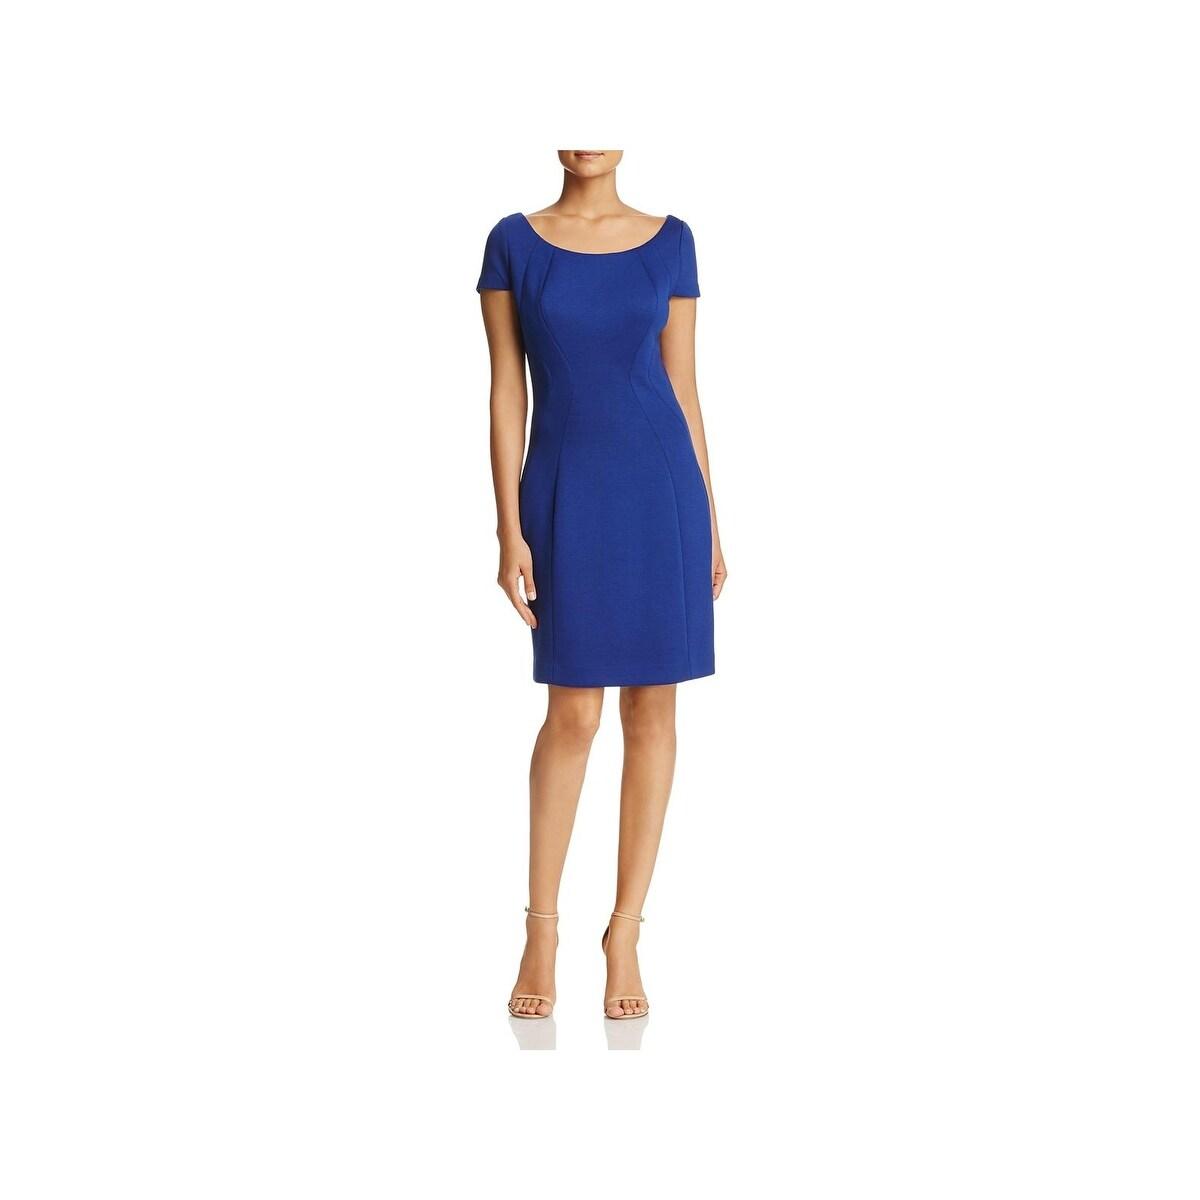 0fa3e91183ef4 Elie Tahari Women's Clothing | Shop our Best Clothing & Shoes Deals ...